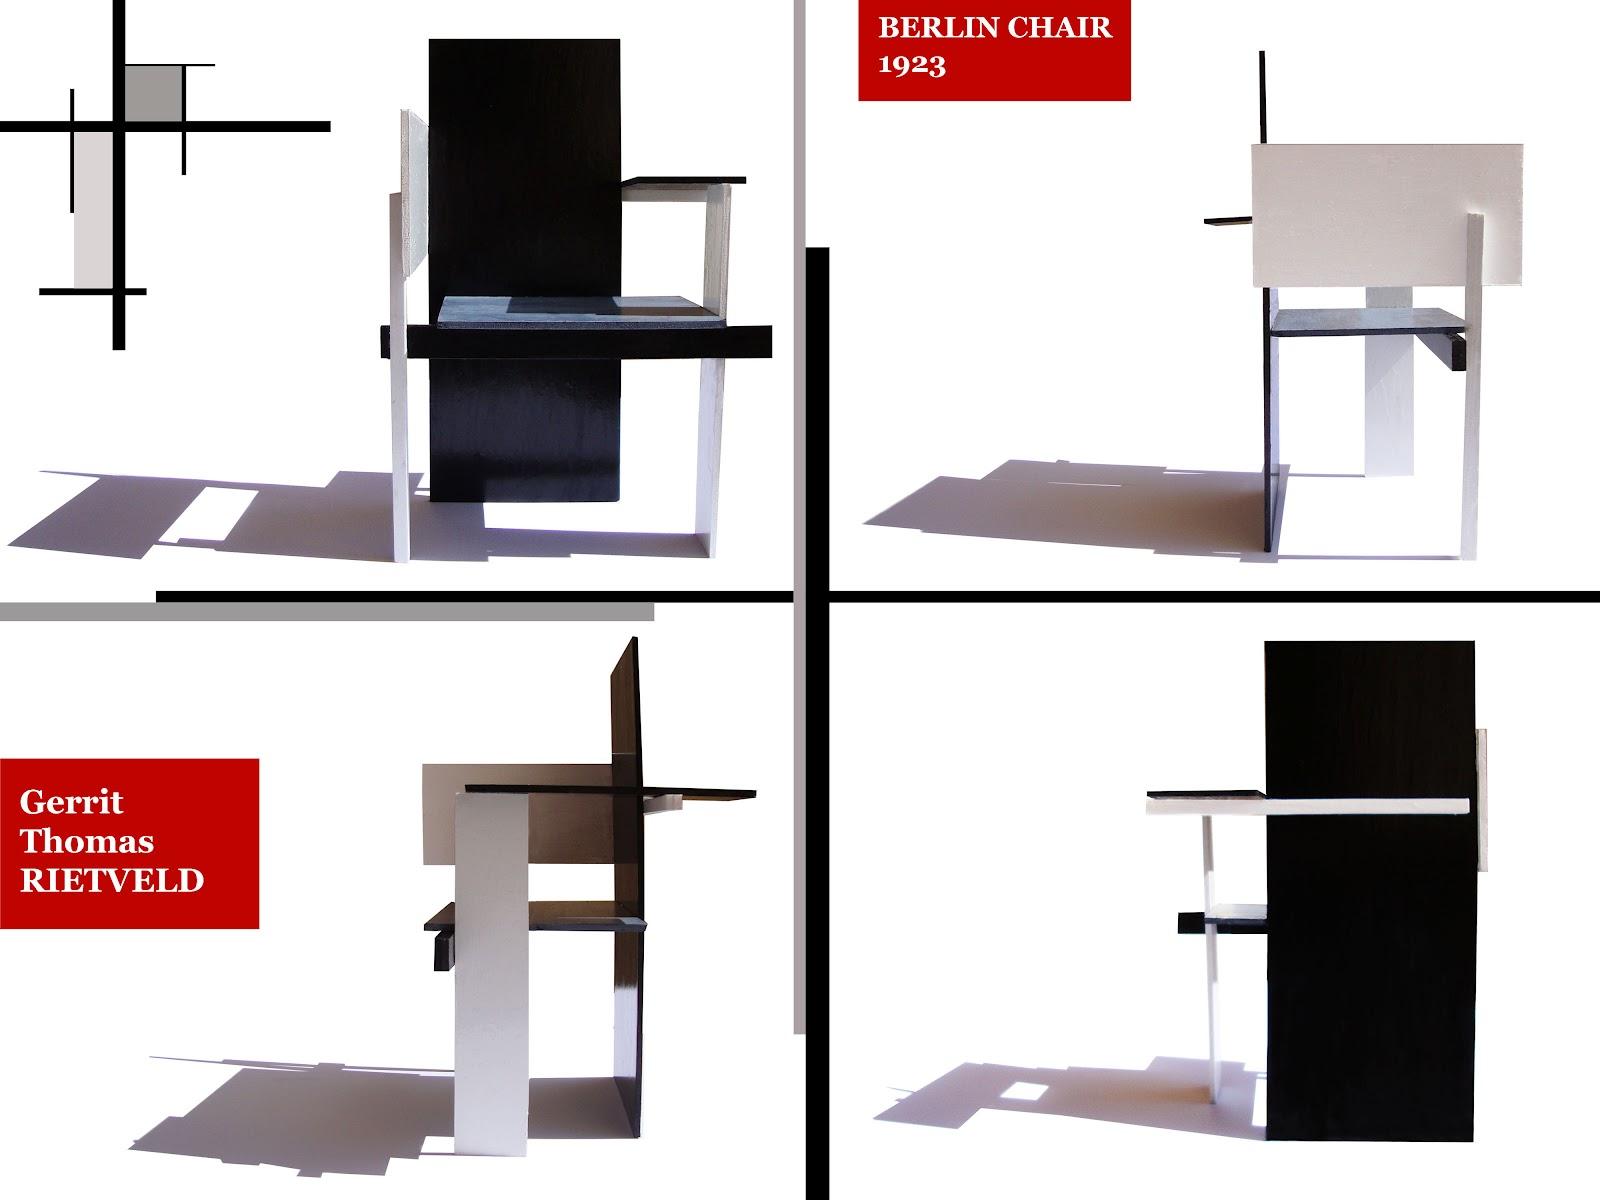 Cecilia polidori twice design my berlin chair for Design semplice del garage